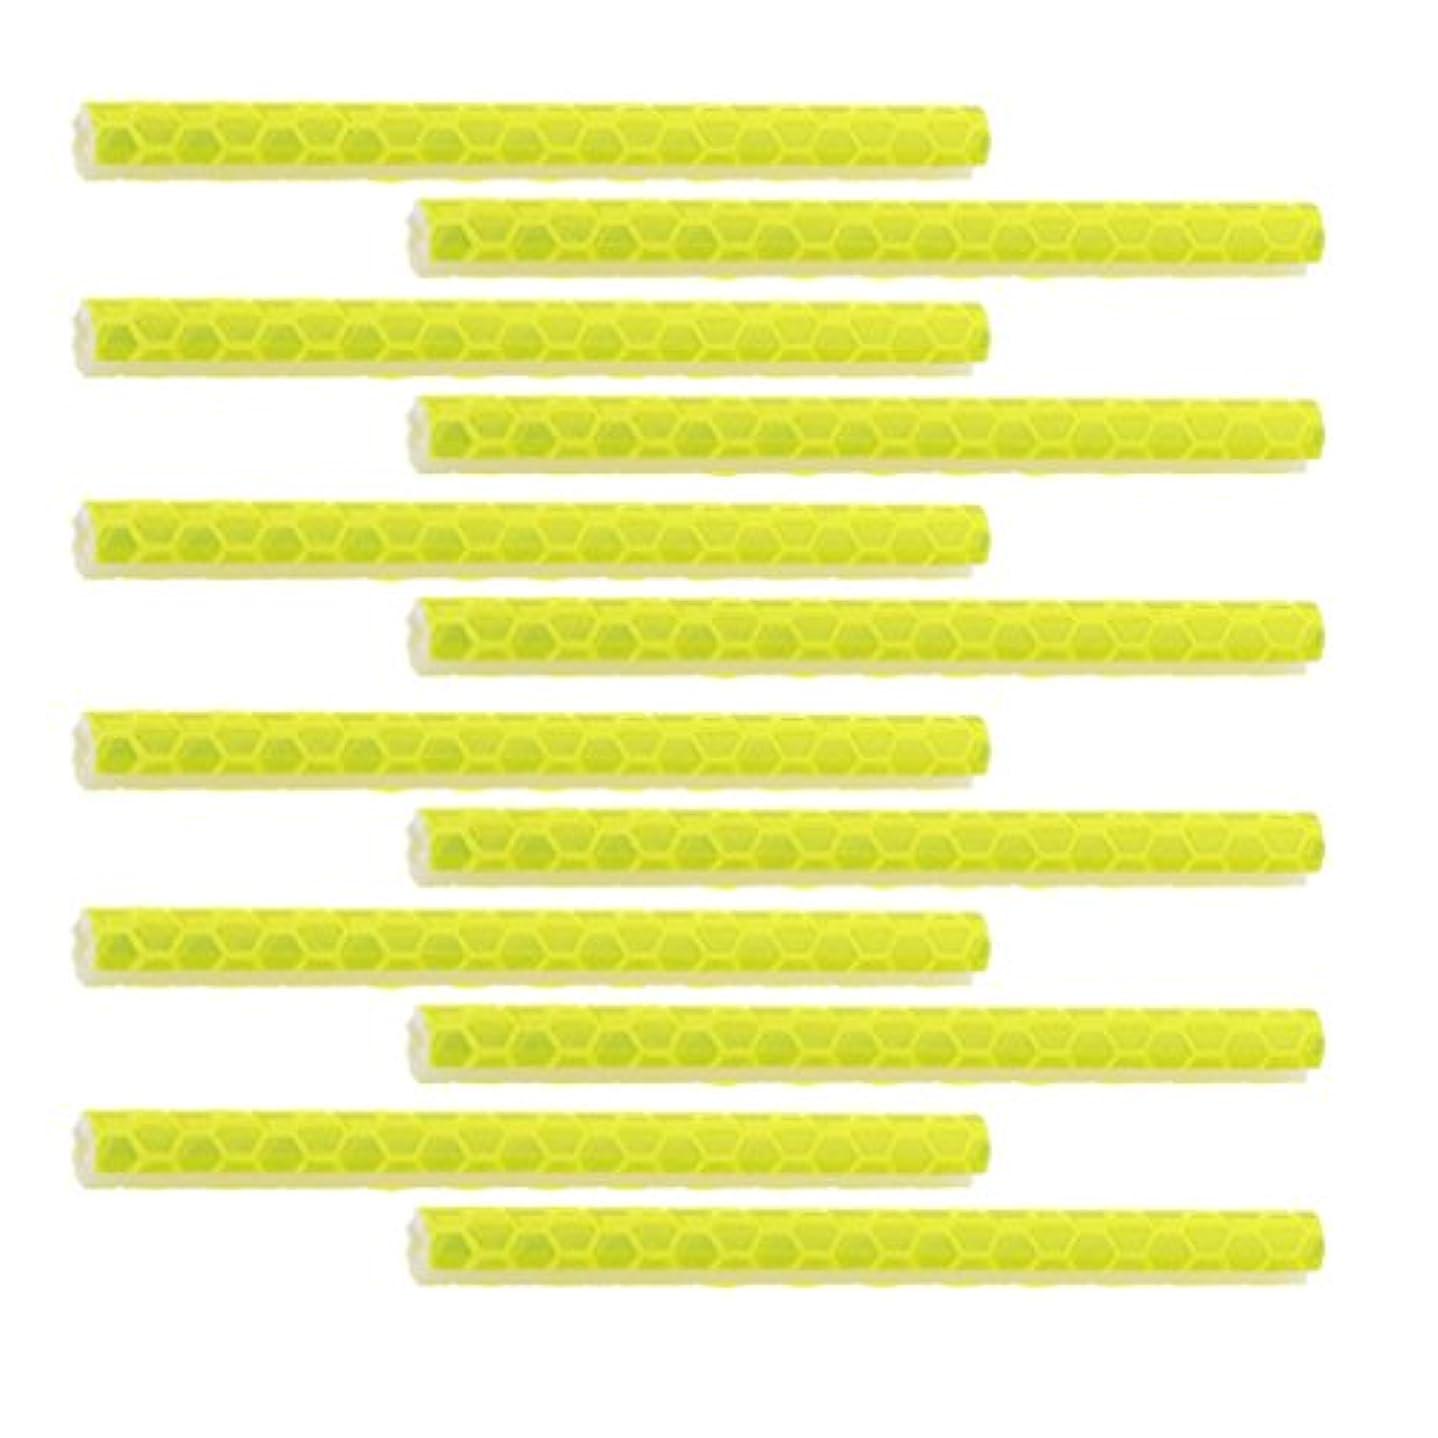 手当犬病ノーブランド品 ABSチューブ 自転車 スポーク用  反射スポーク 反射スティック スポークリフレクター   全6色選べる 12本 - イエロー